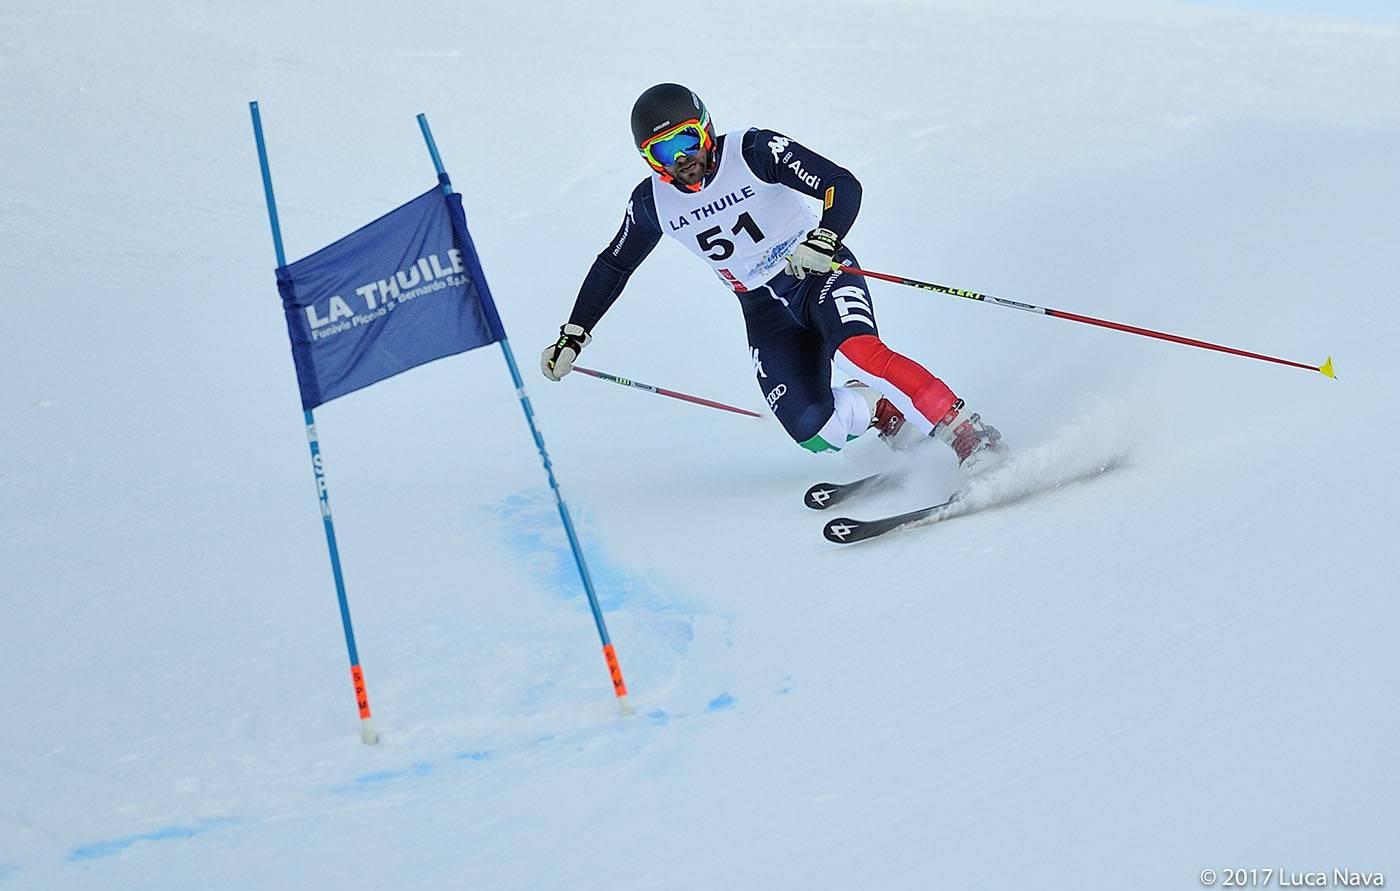 Coppa del Mondo di Telemark 20 e 21 gennaio '19 La Thuile apre il calendario FIS